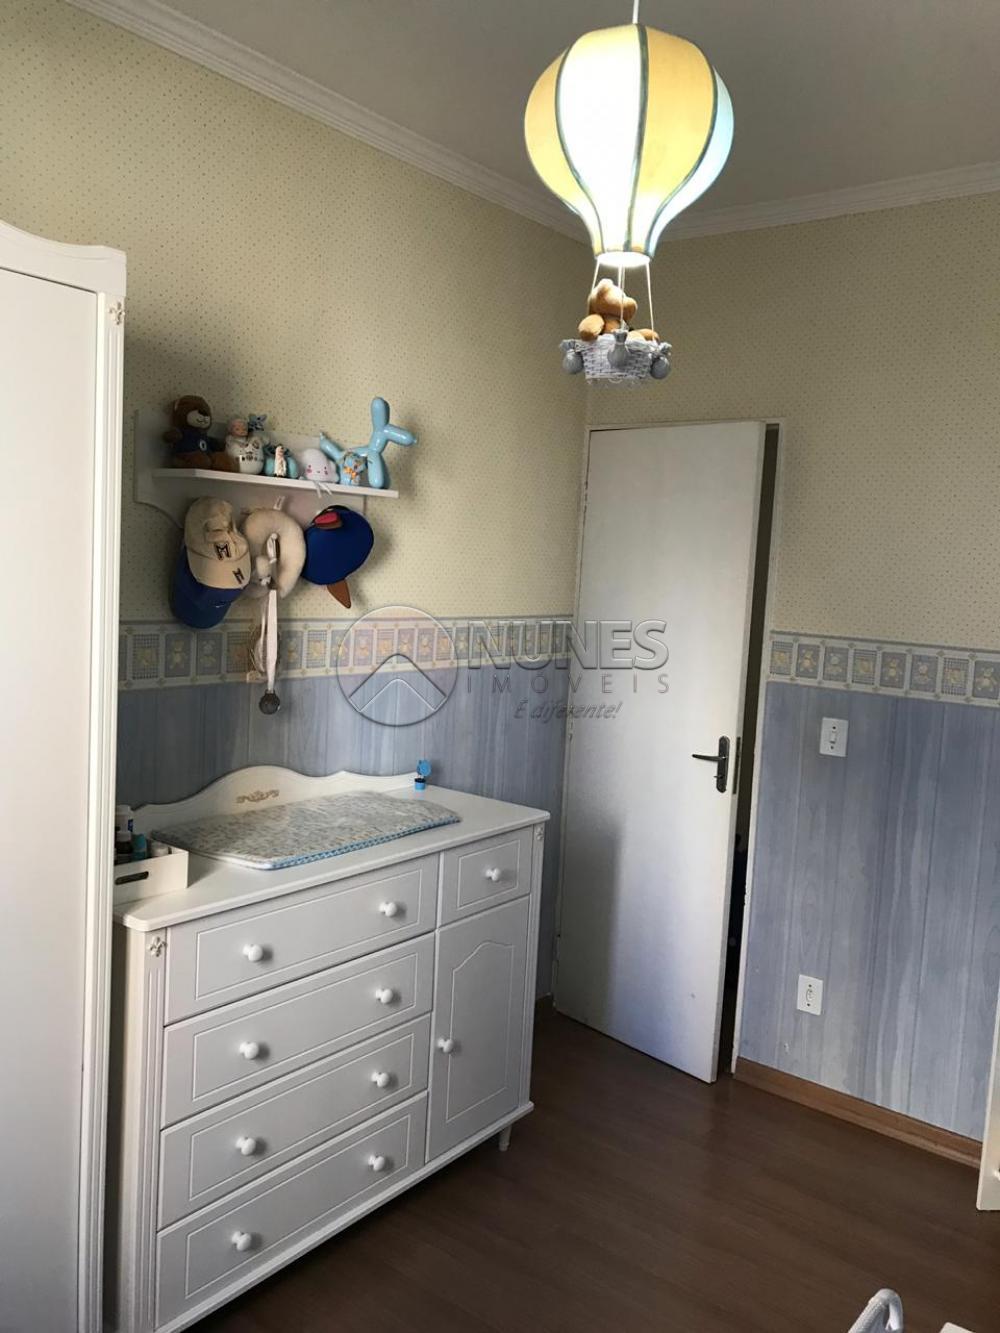 Comprar Apartamento / Padrão em Osasco apenas R$ 230.000,00 - Foto 13